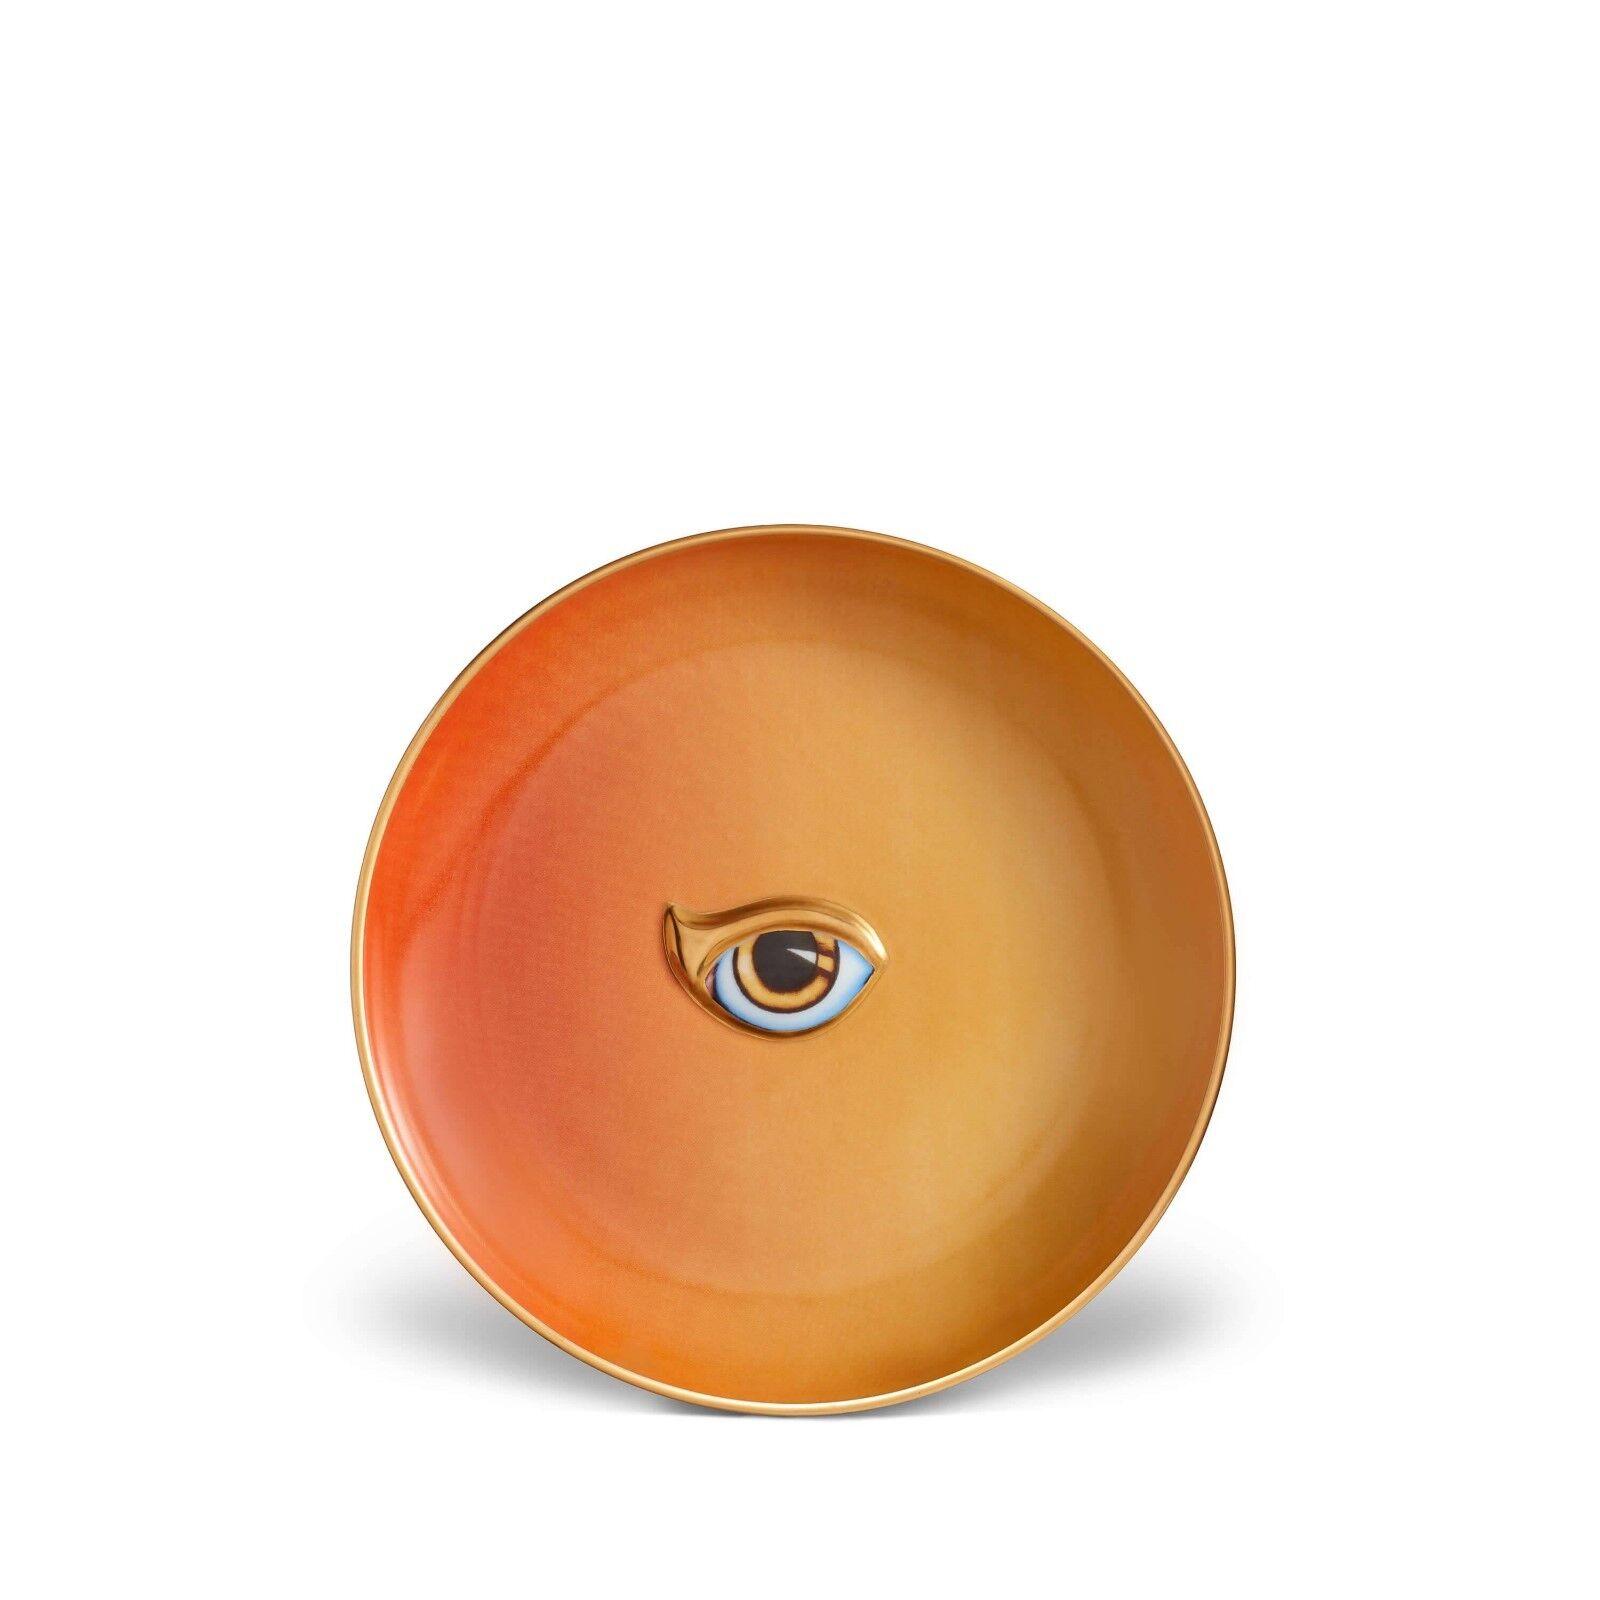 L'objet Lito Plaque-Orange + jaune-lot de 4